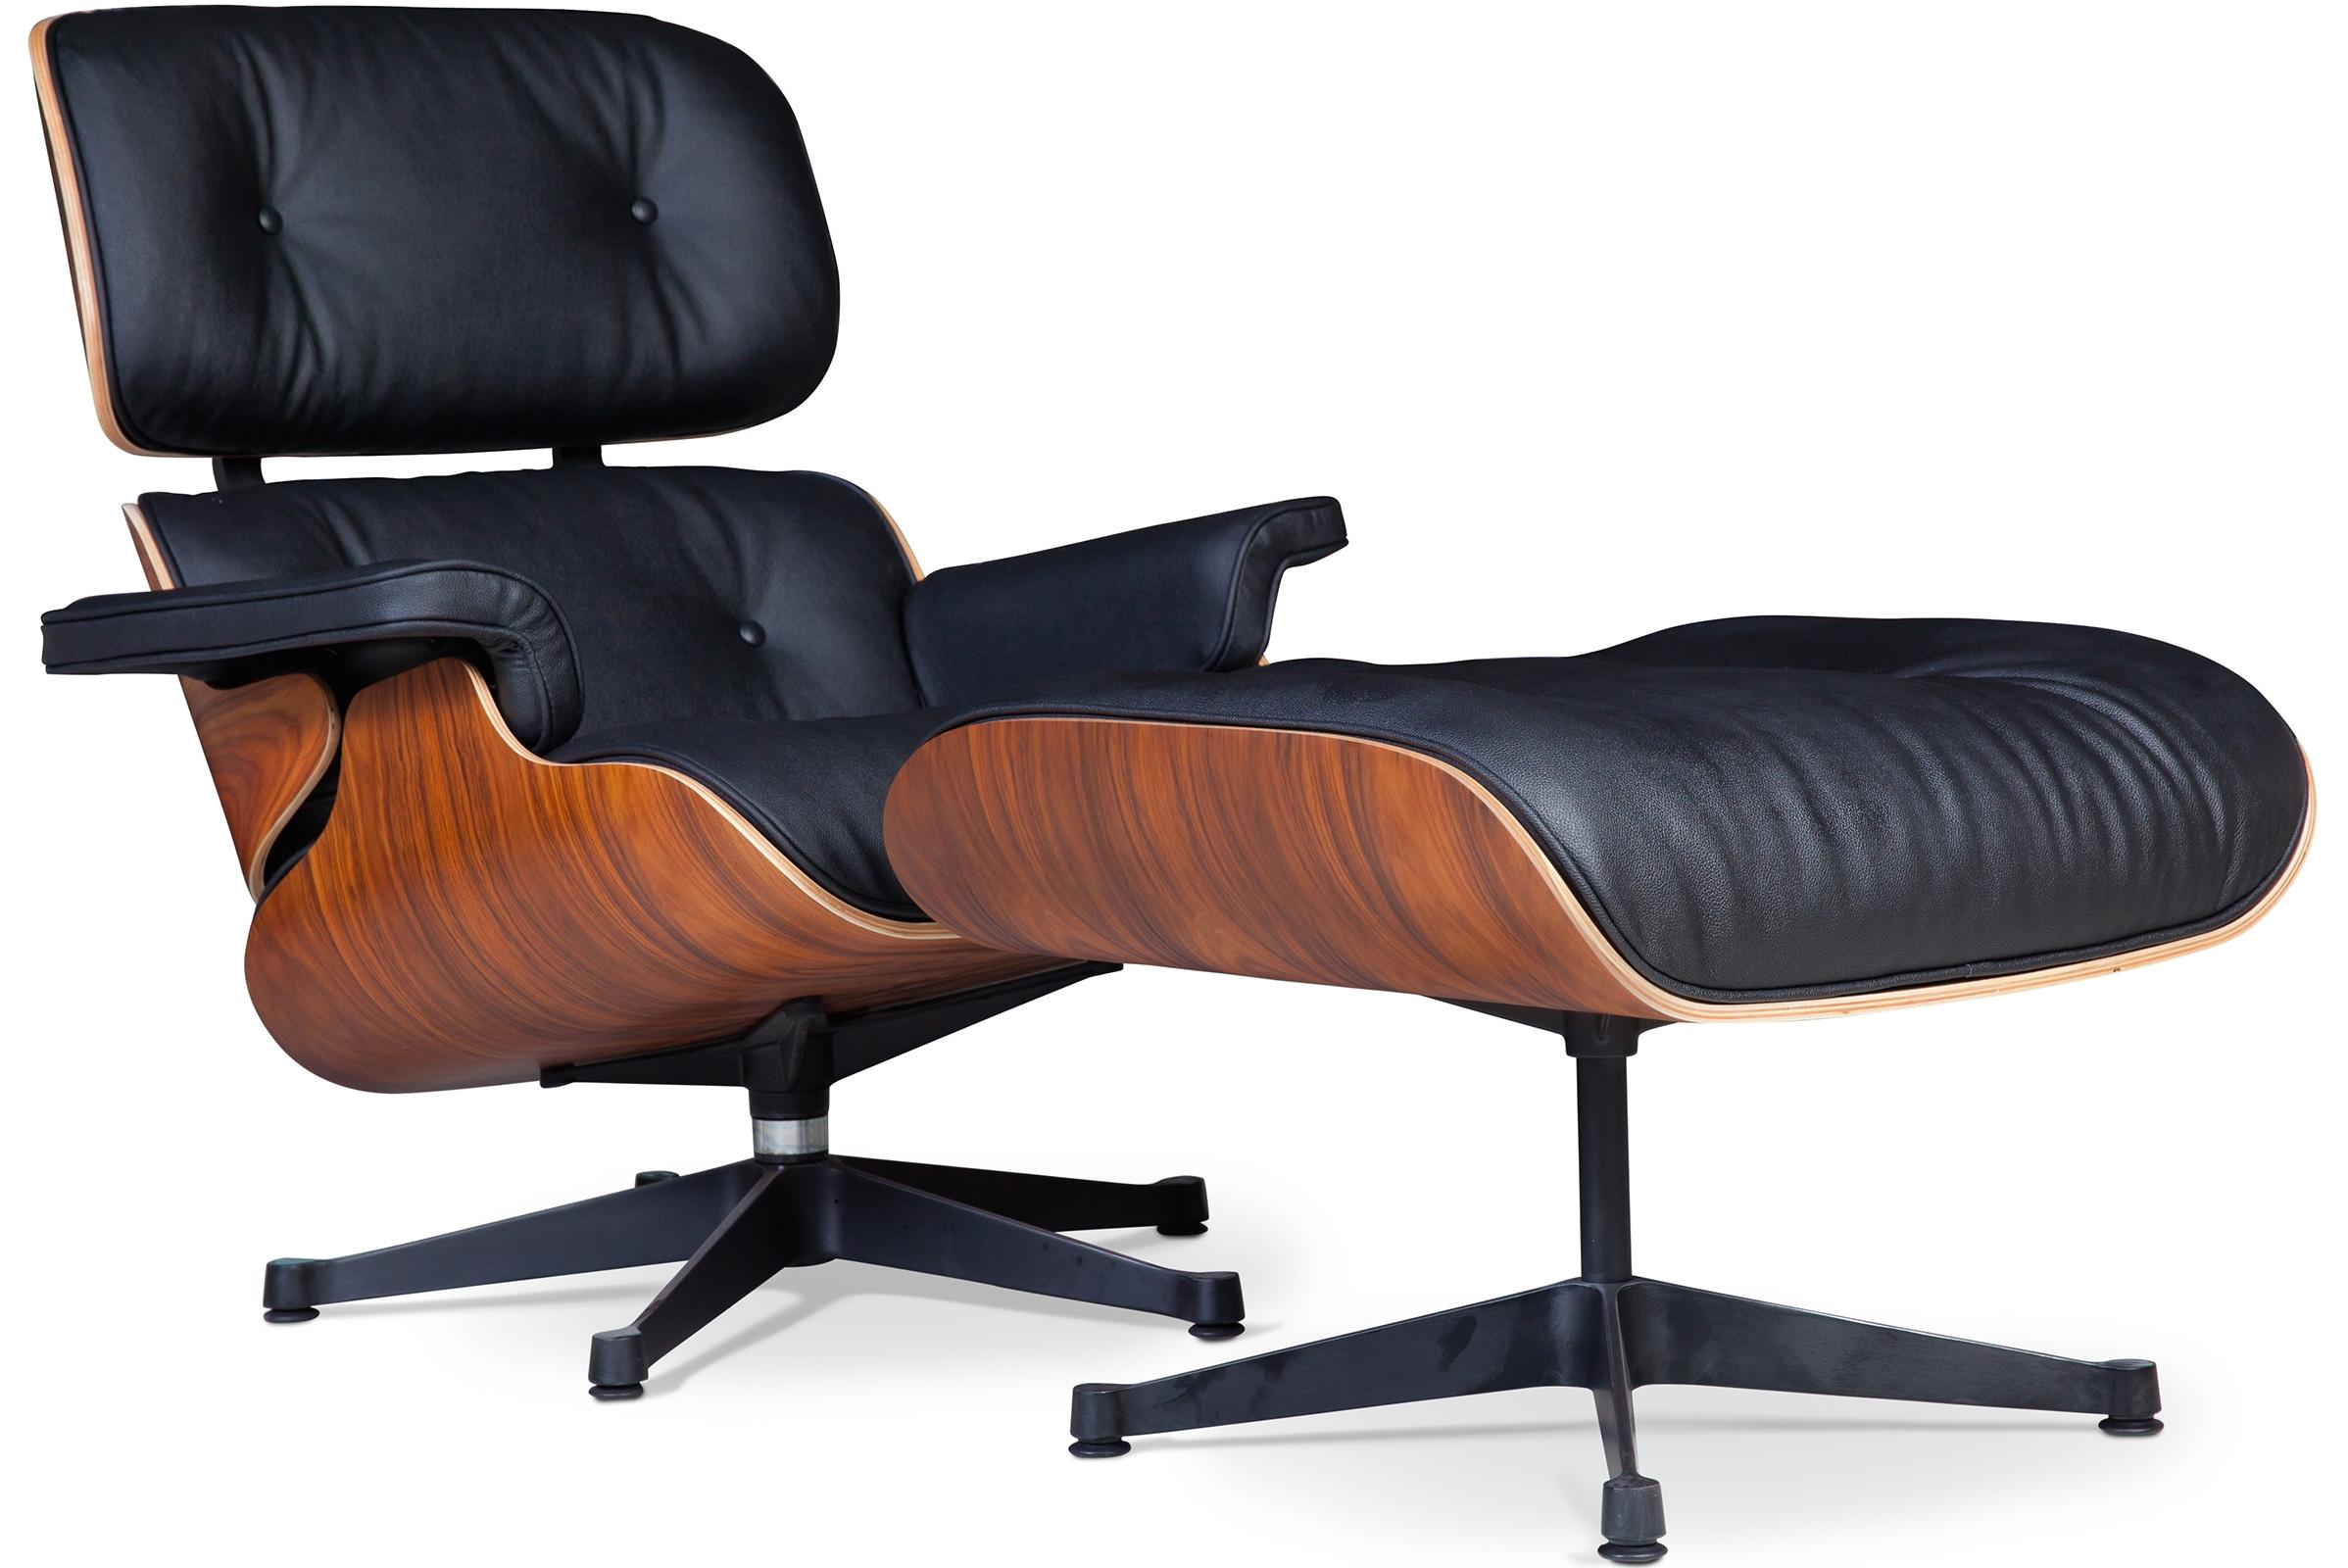 fauteuil lounge bois de rose et cuir noir inspir charles